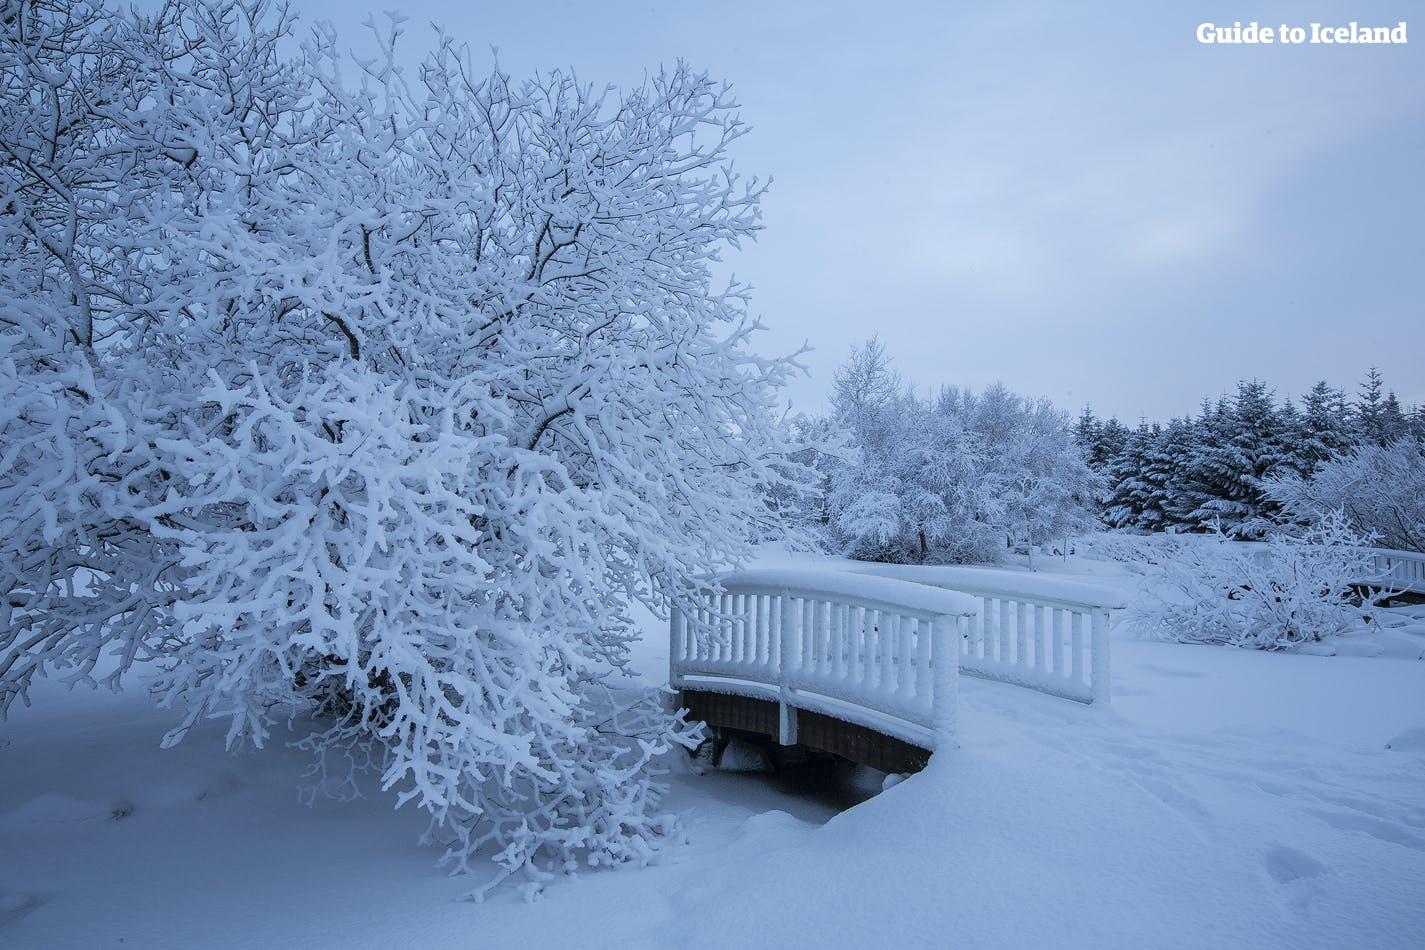 När snön faller på Reykjavík förvandlas staden till ett magiskt vinterland